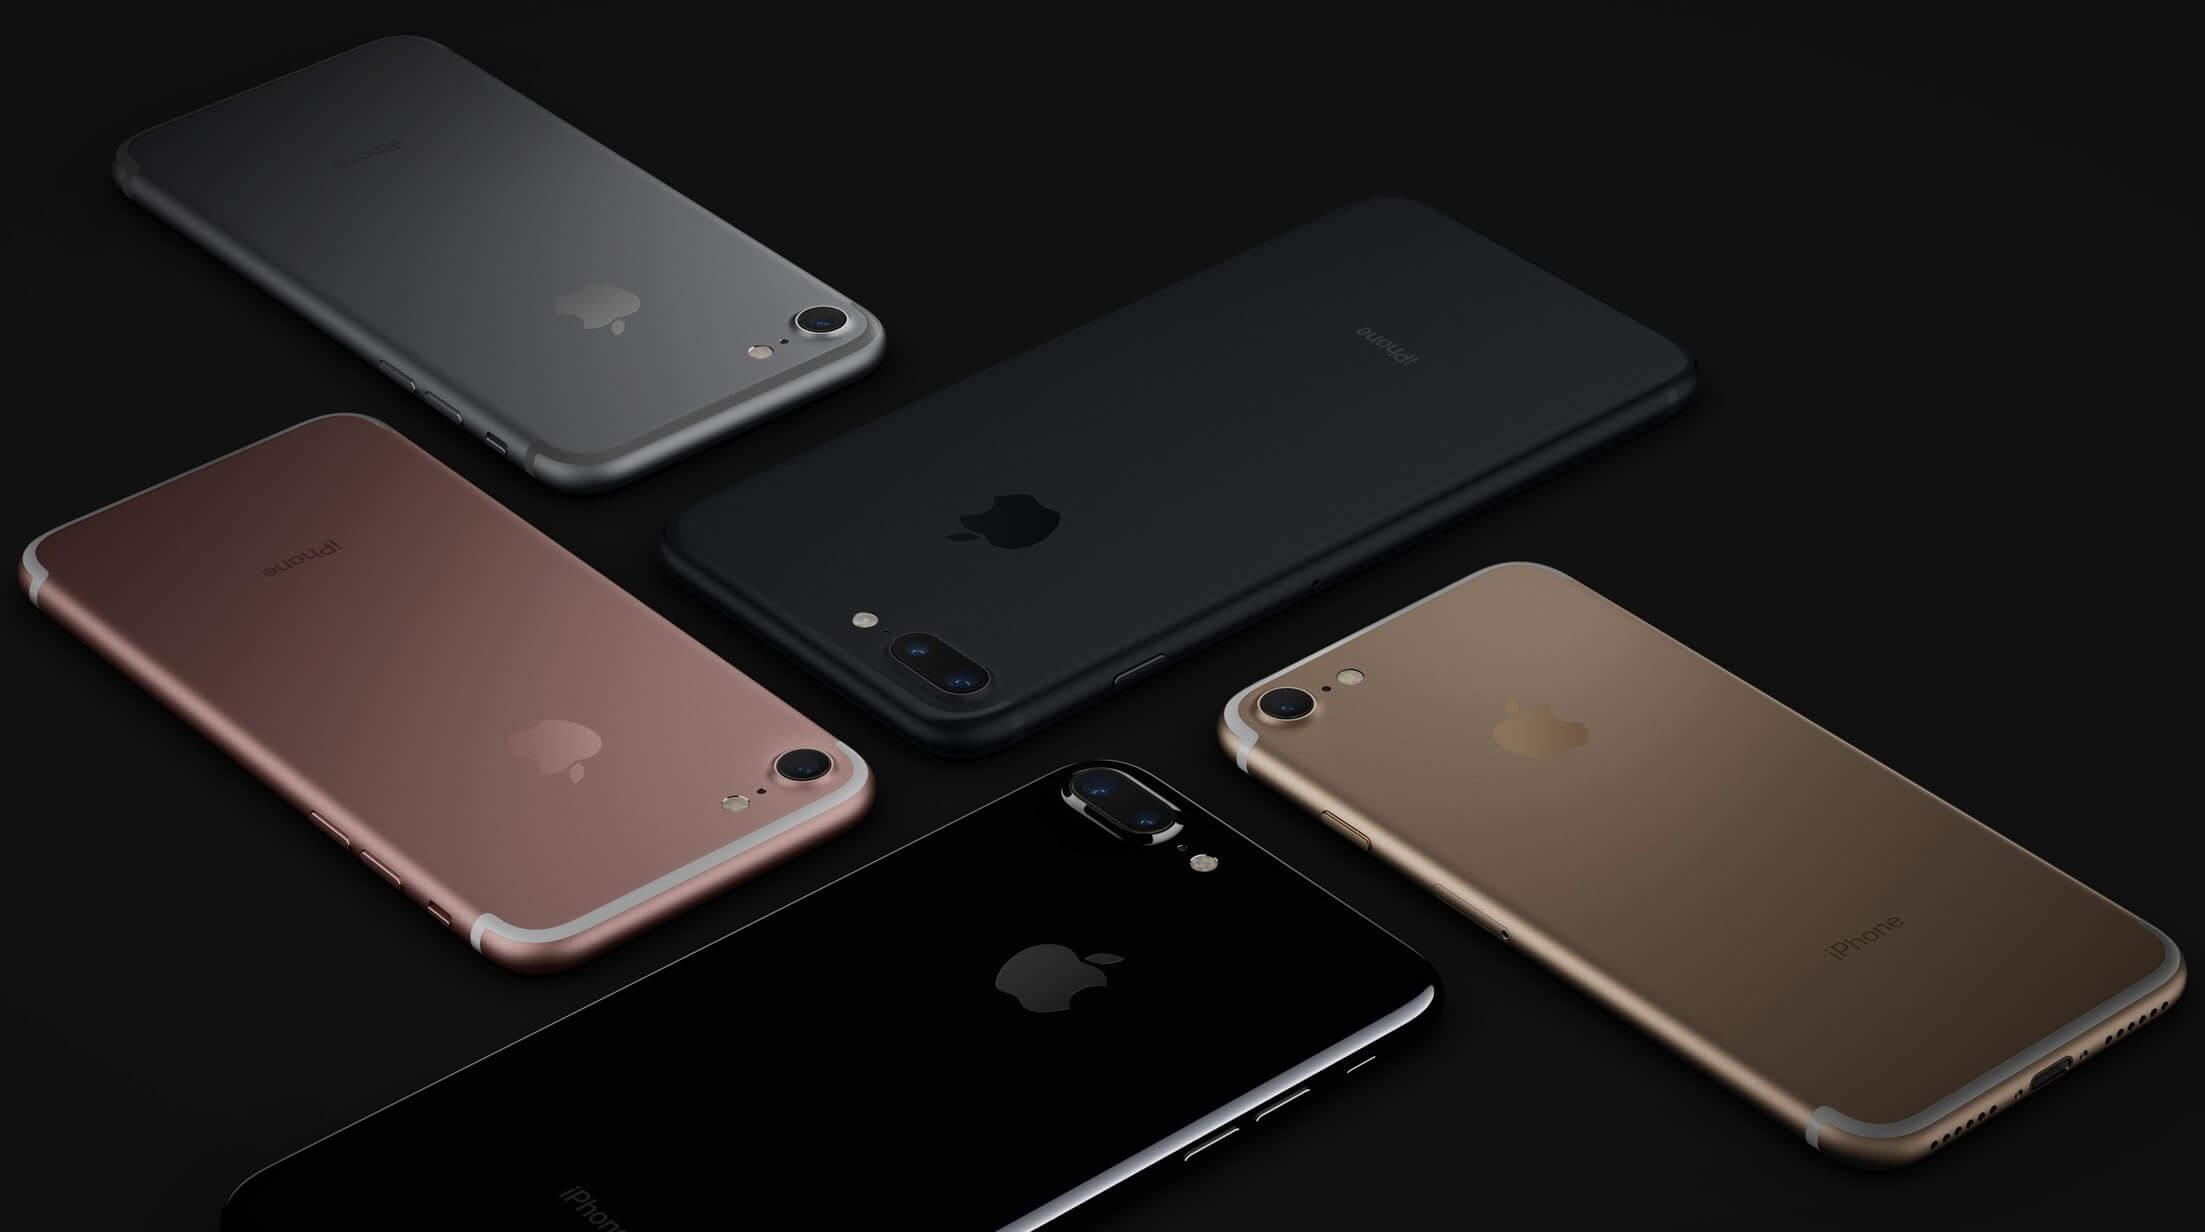 iPhone 7 и iPhone 7 Plus в 5 цветах